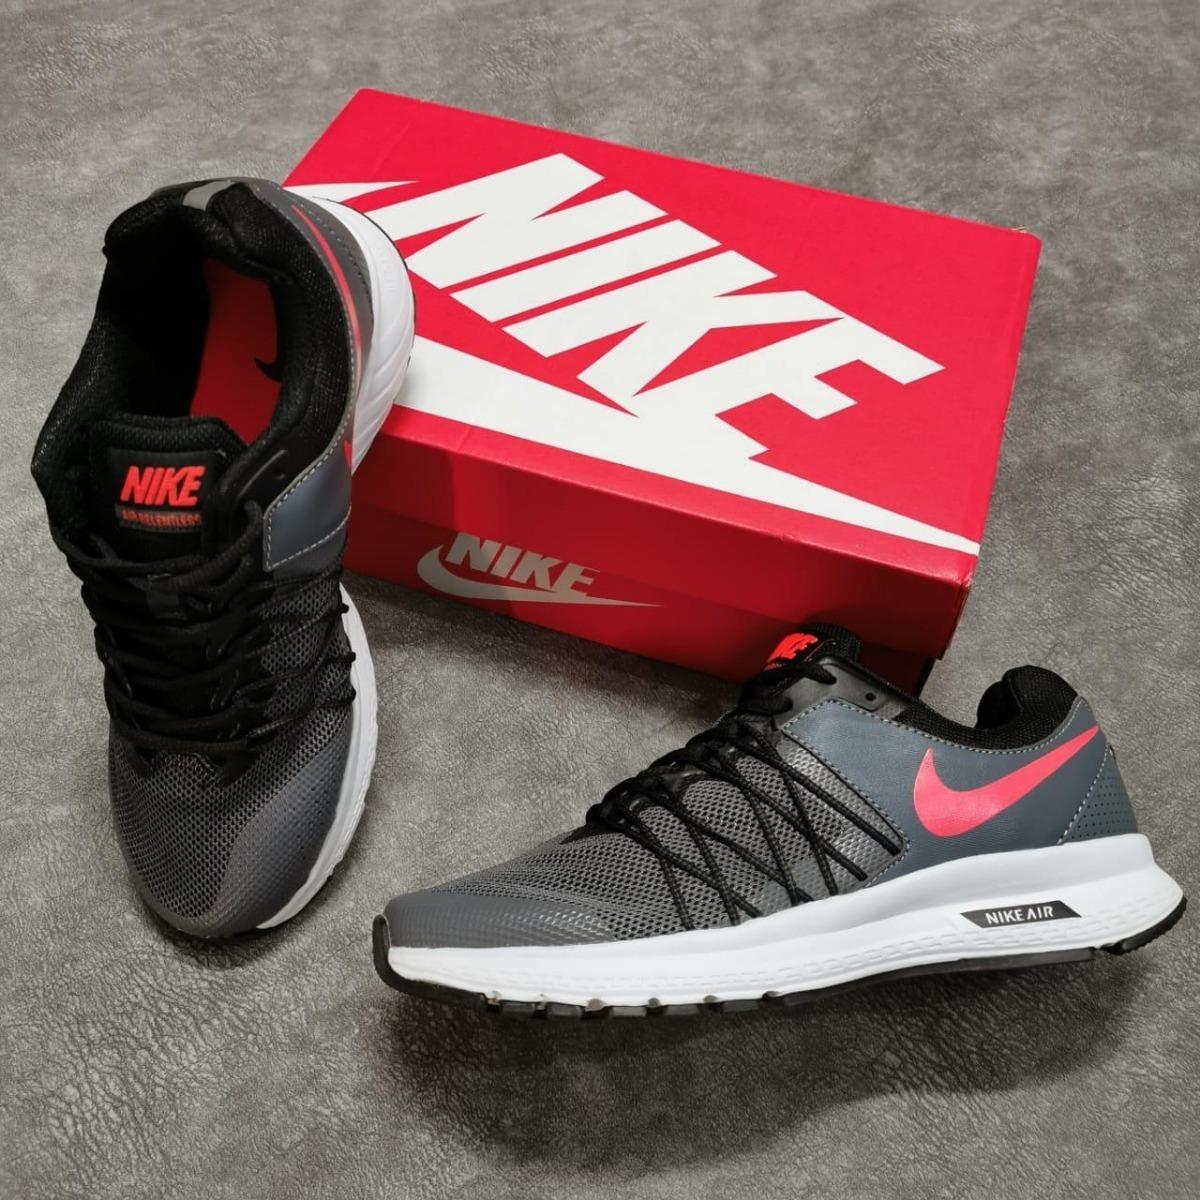 Zapatillas Tenis Nike Air Zoom Pegasus 33 Hombre 0riginal